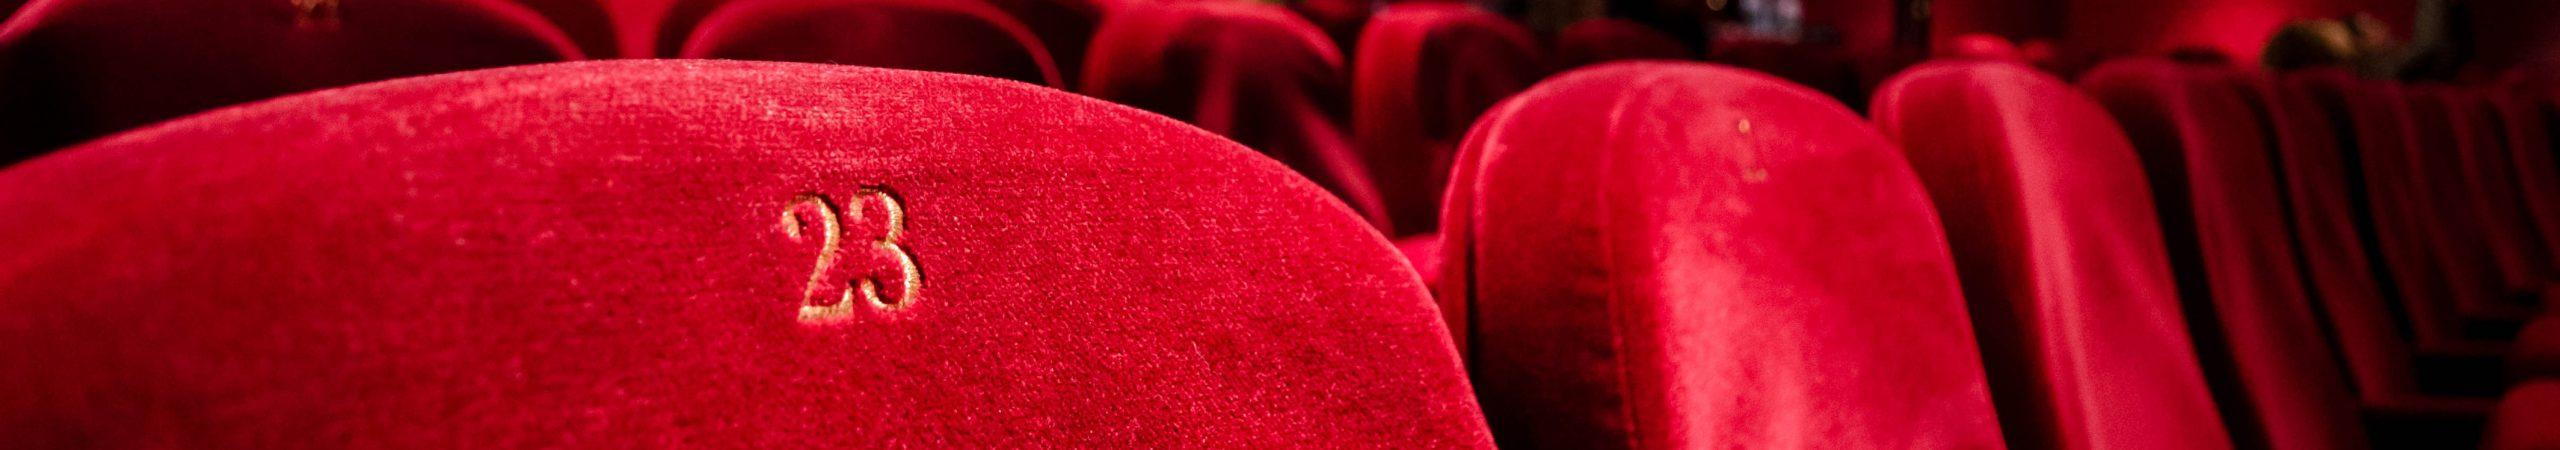 Red velvet theatre seats